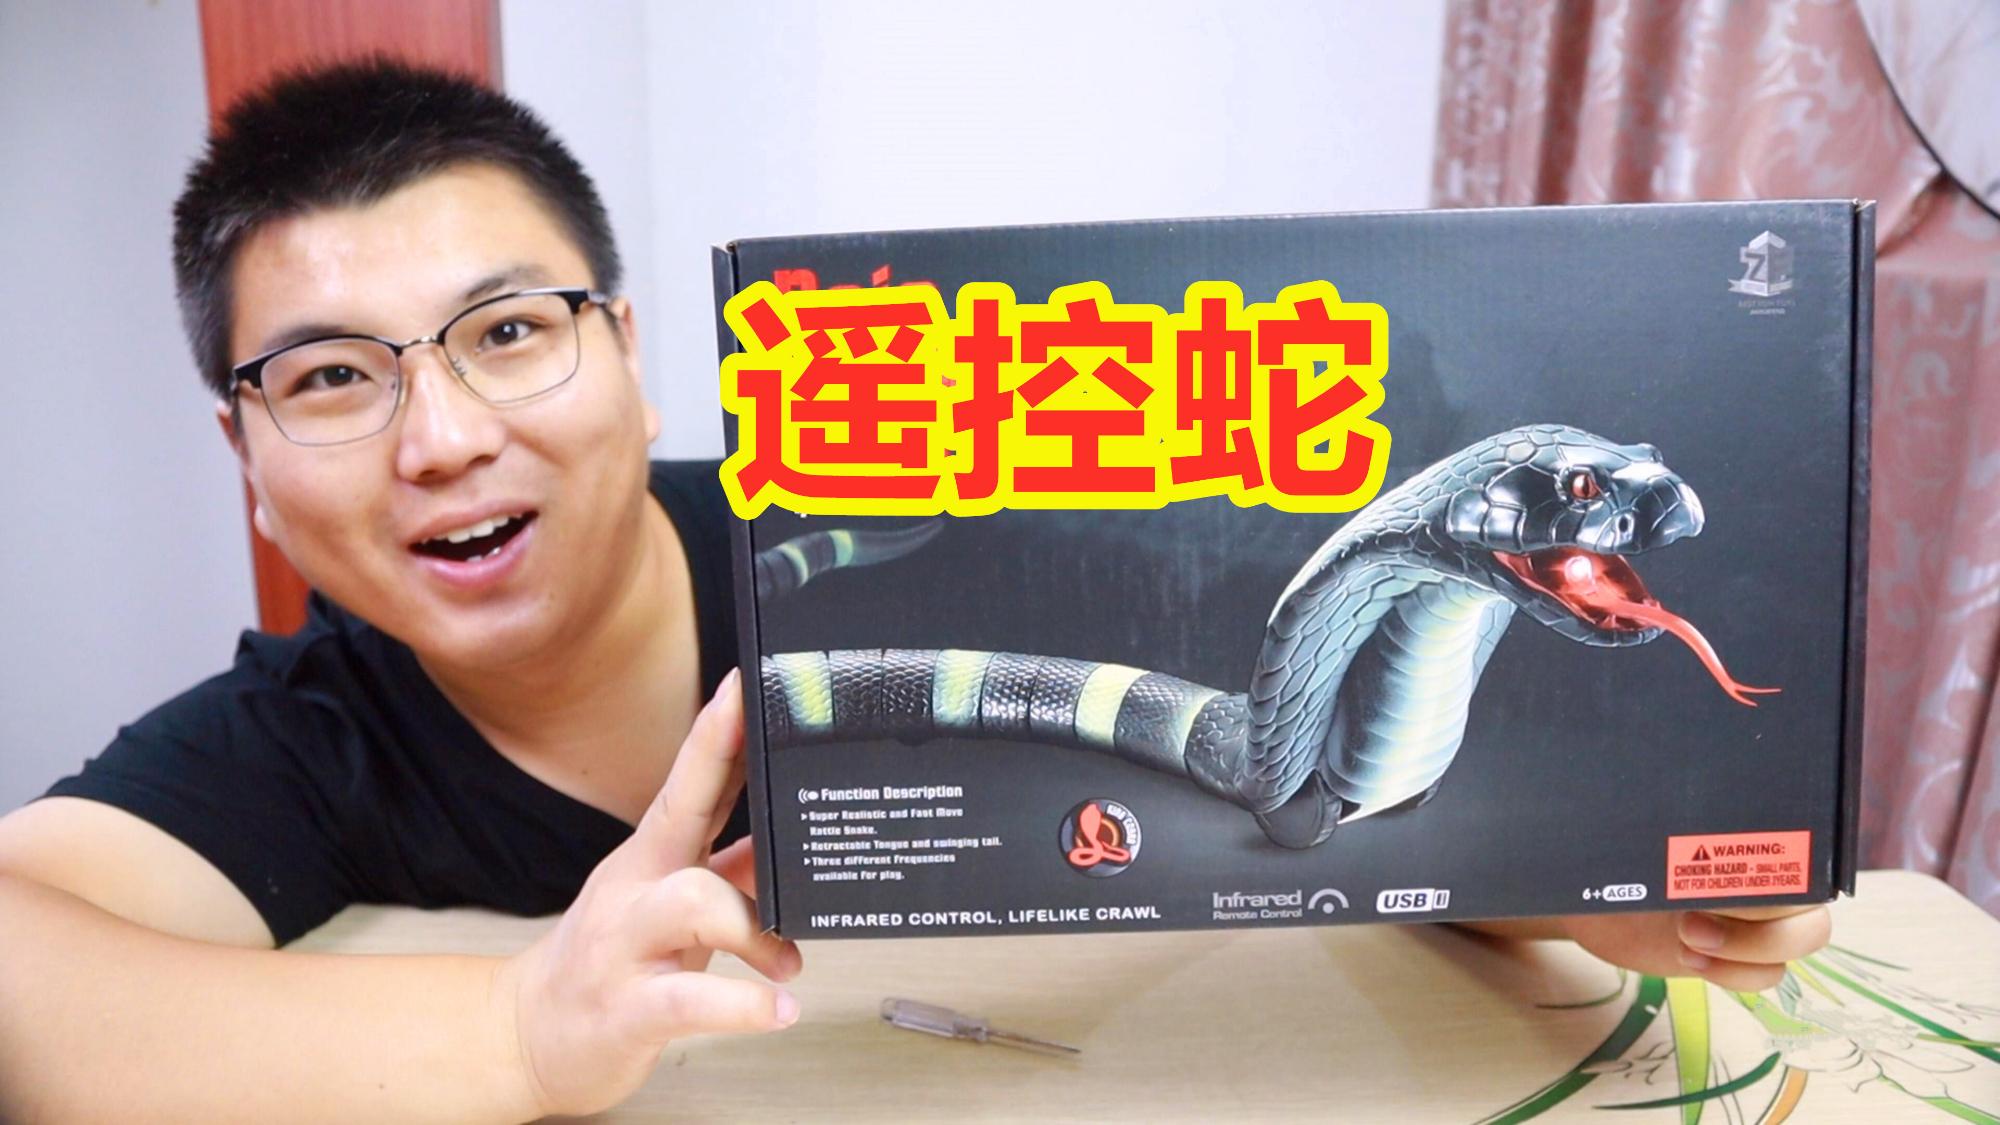 遥控眼镜蛇太逼真了,老婆被吓了一跳,下个月的零花钱没了